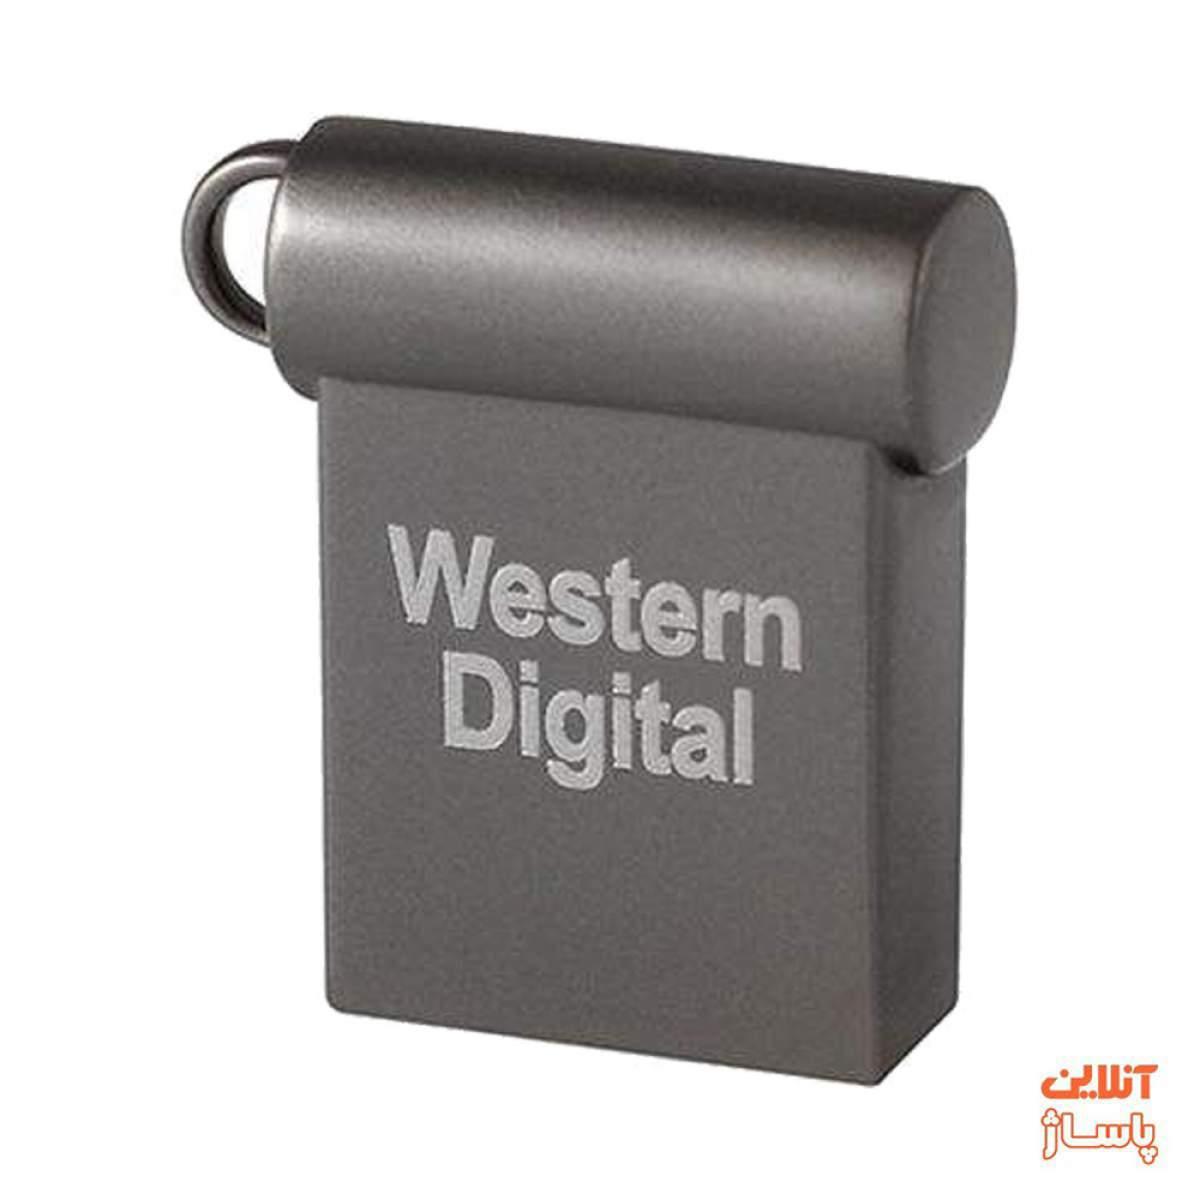 فلش مموری وسترن دیجیتال مدل My Pro ظرفیت 32 گیگابایت